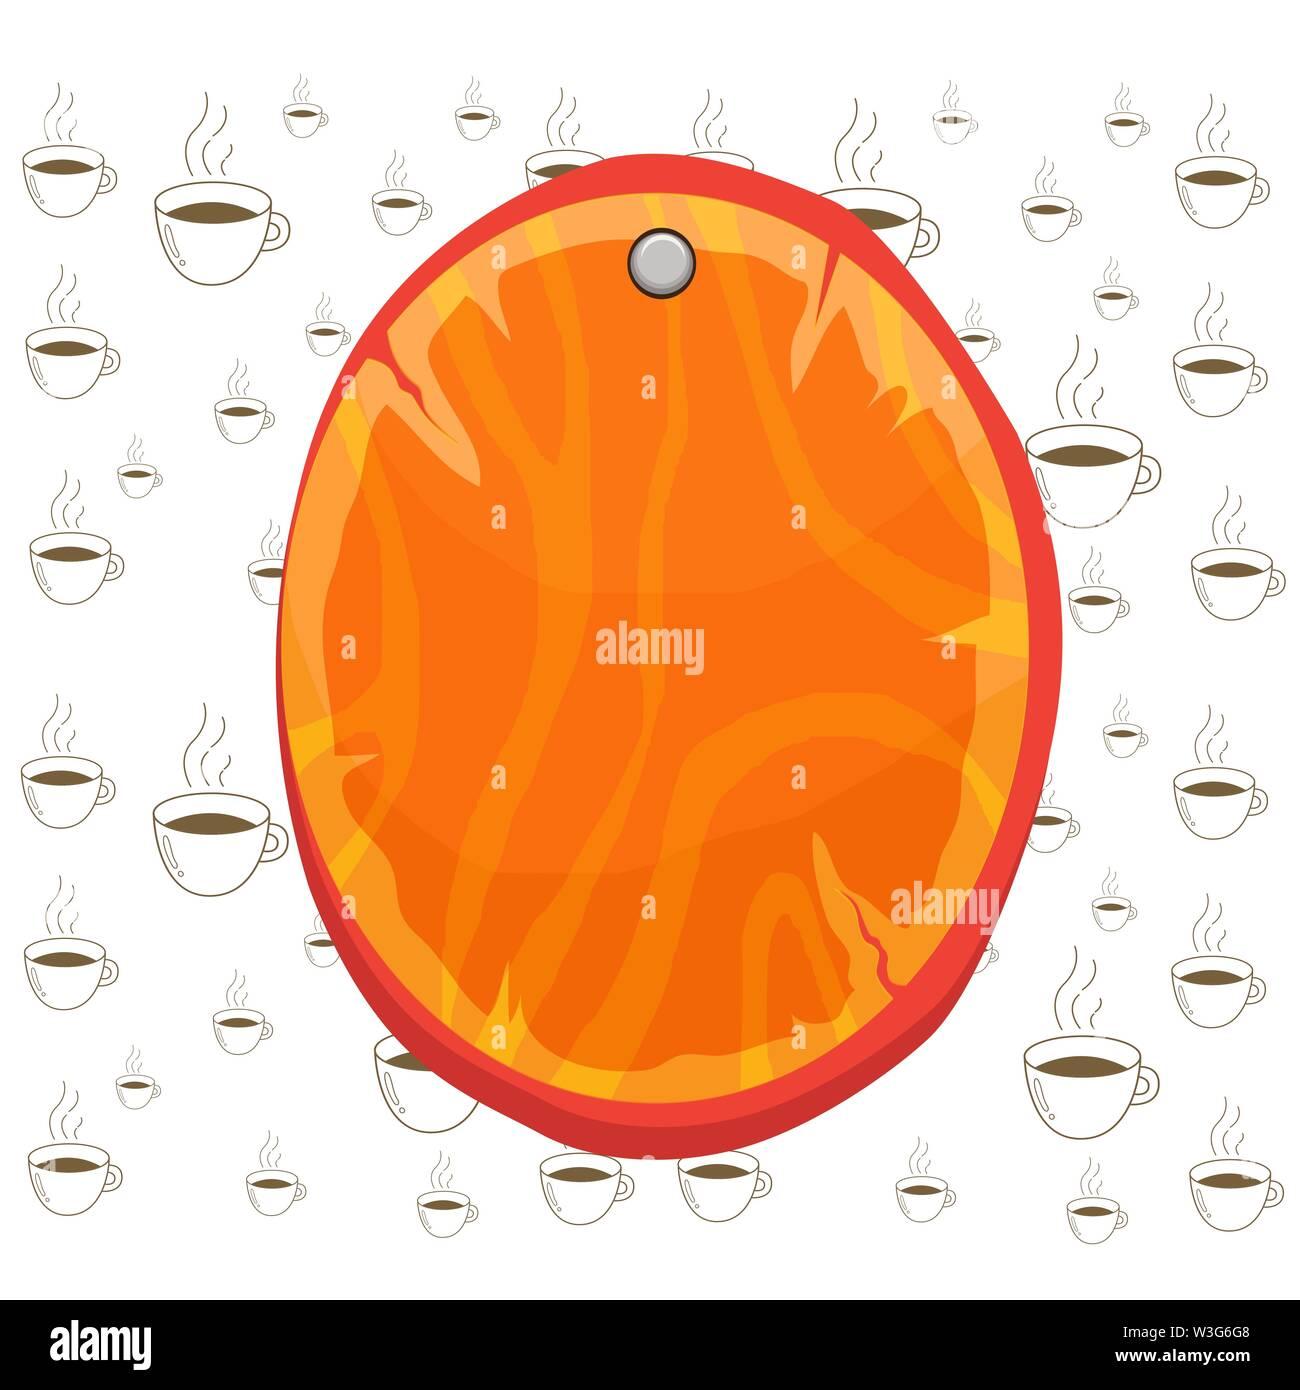 Planche en bois ovale arrondi en forme de cercle conseil épinglé bois cloué background Design business concept Empty copier du texte pour le Web promotion bannières materi Photo Stock